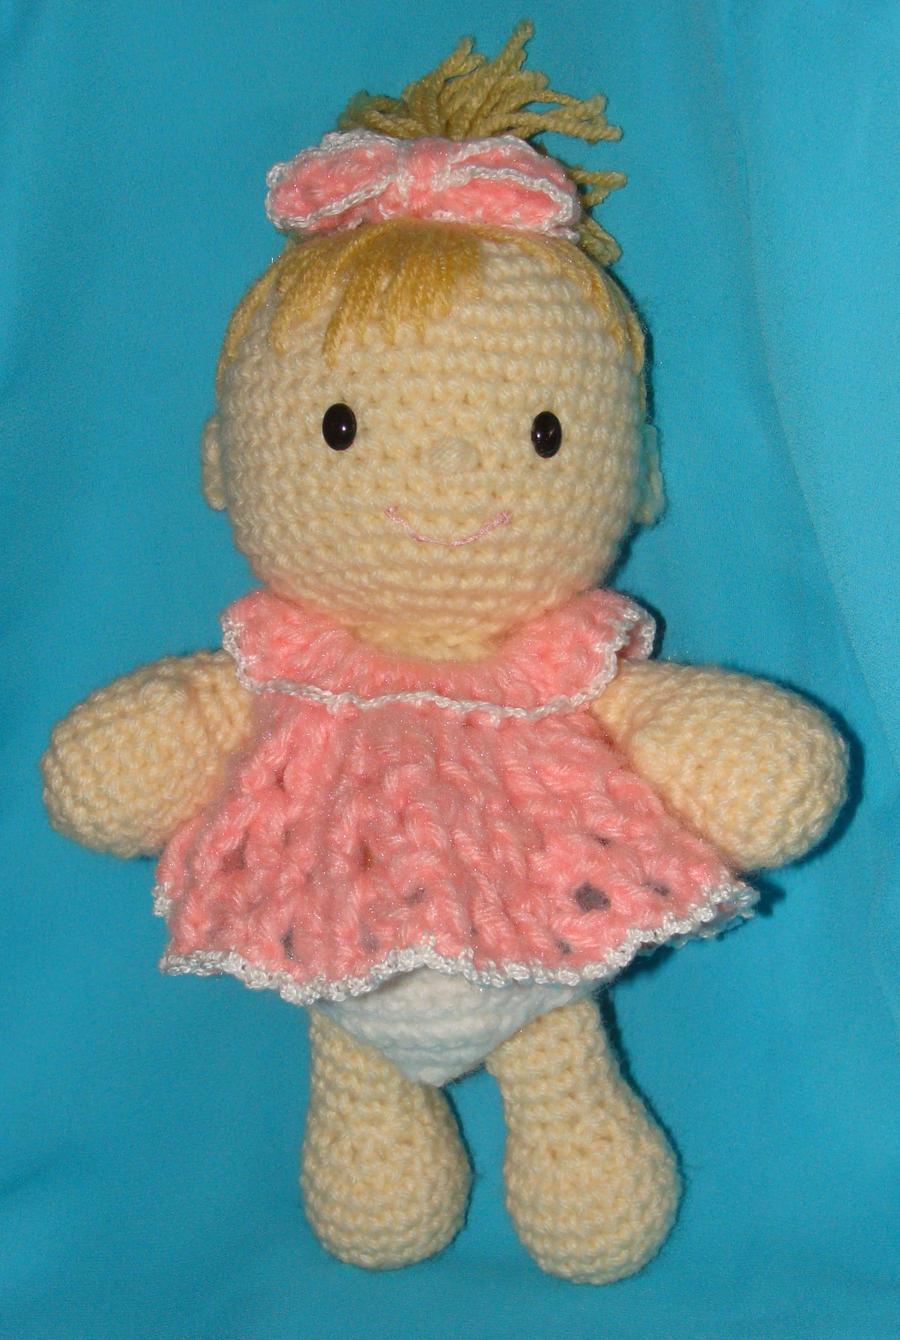 Amigurumi baby doll by Dragonlady92768 on DeviantArt